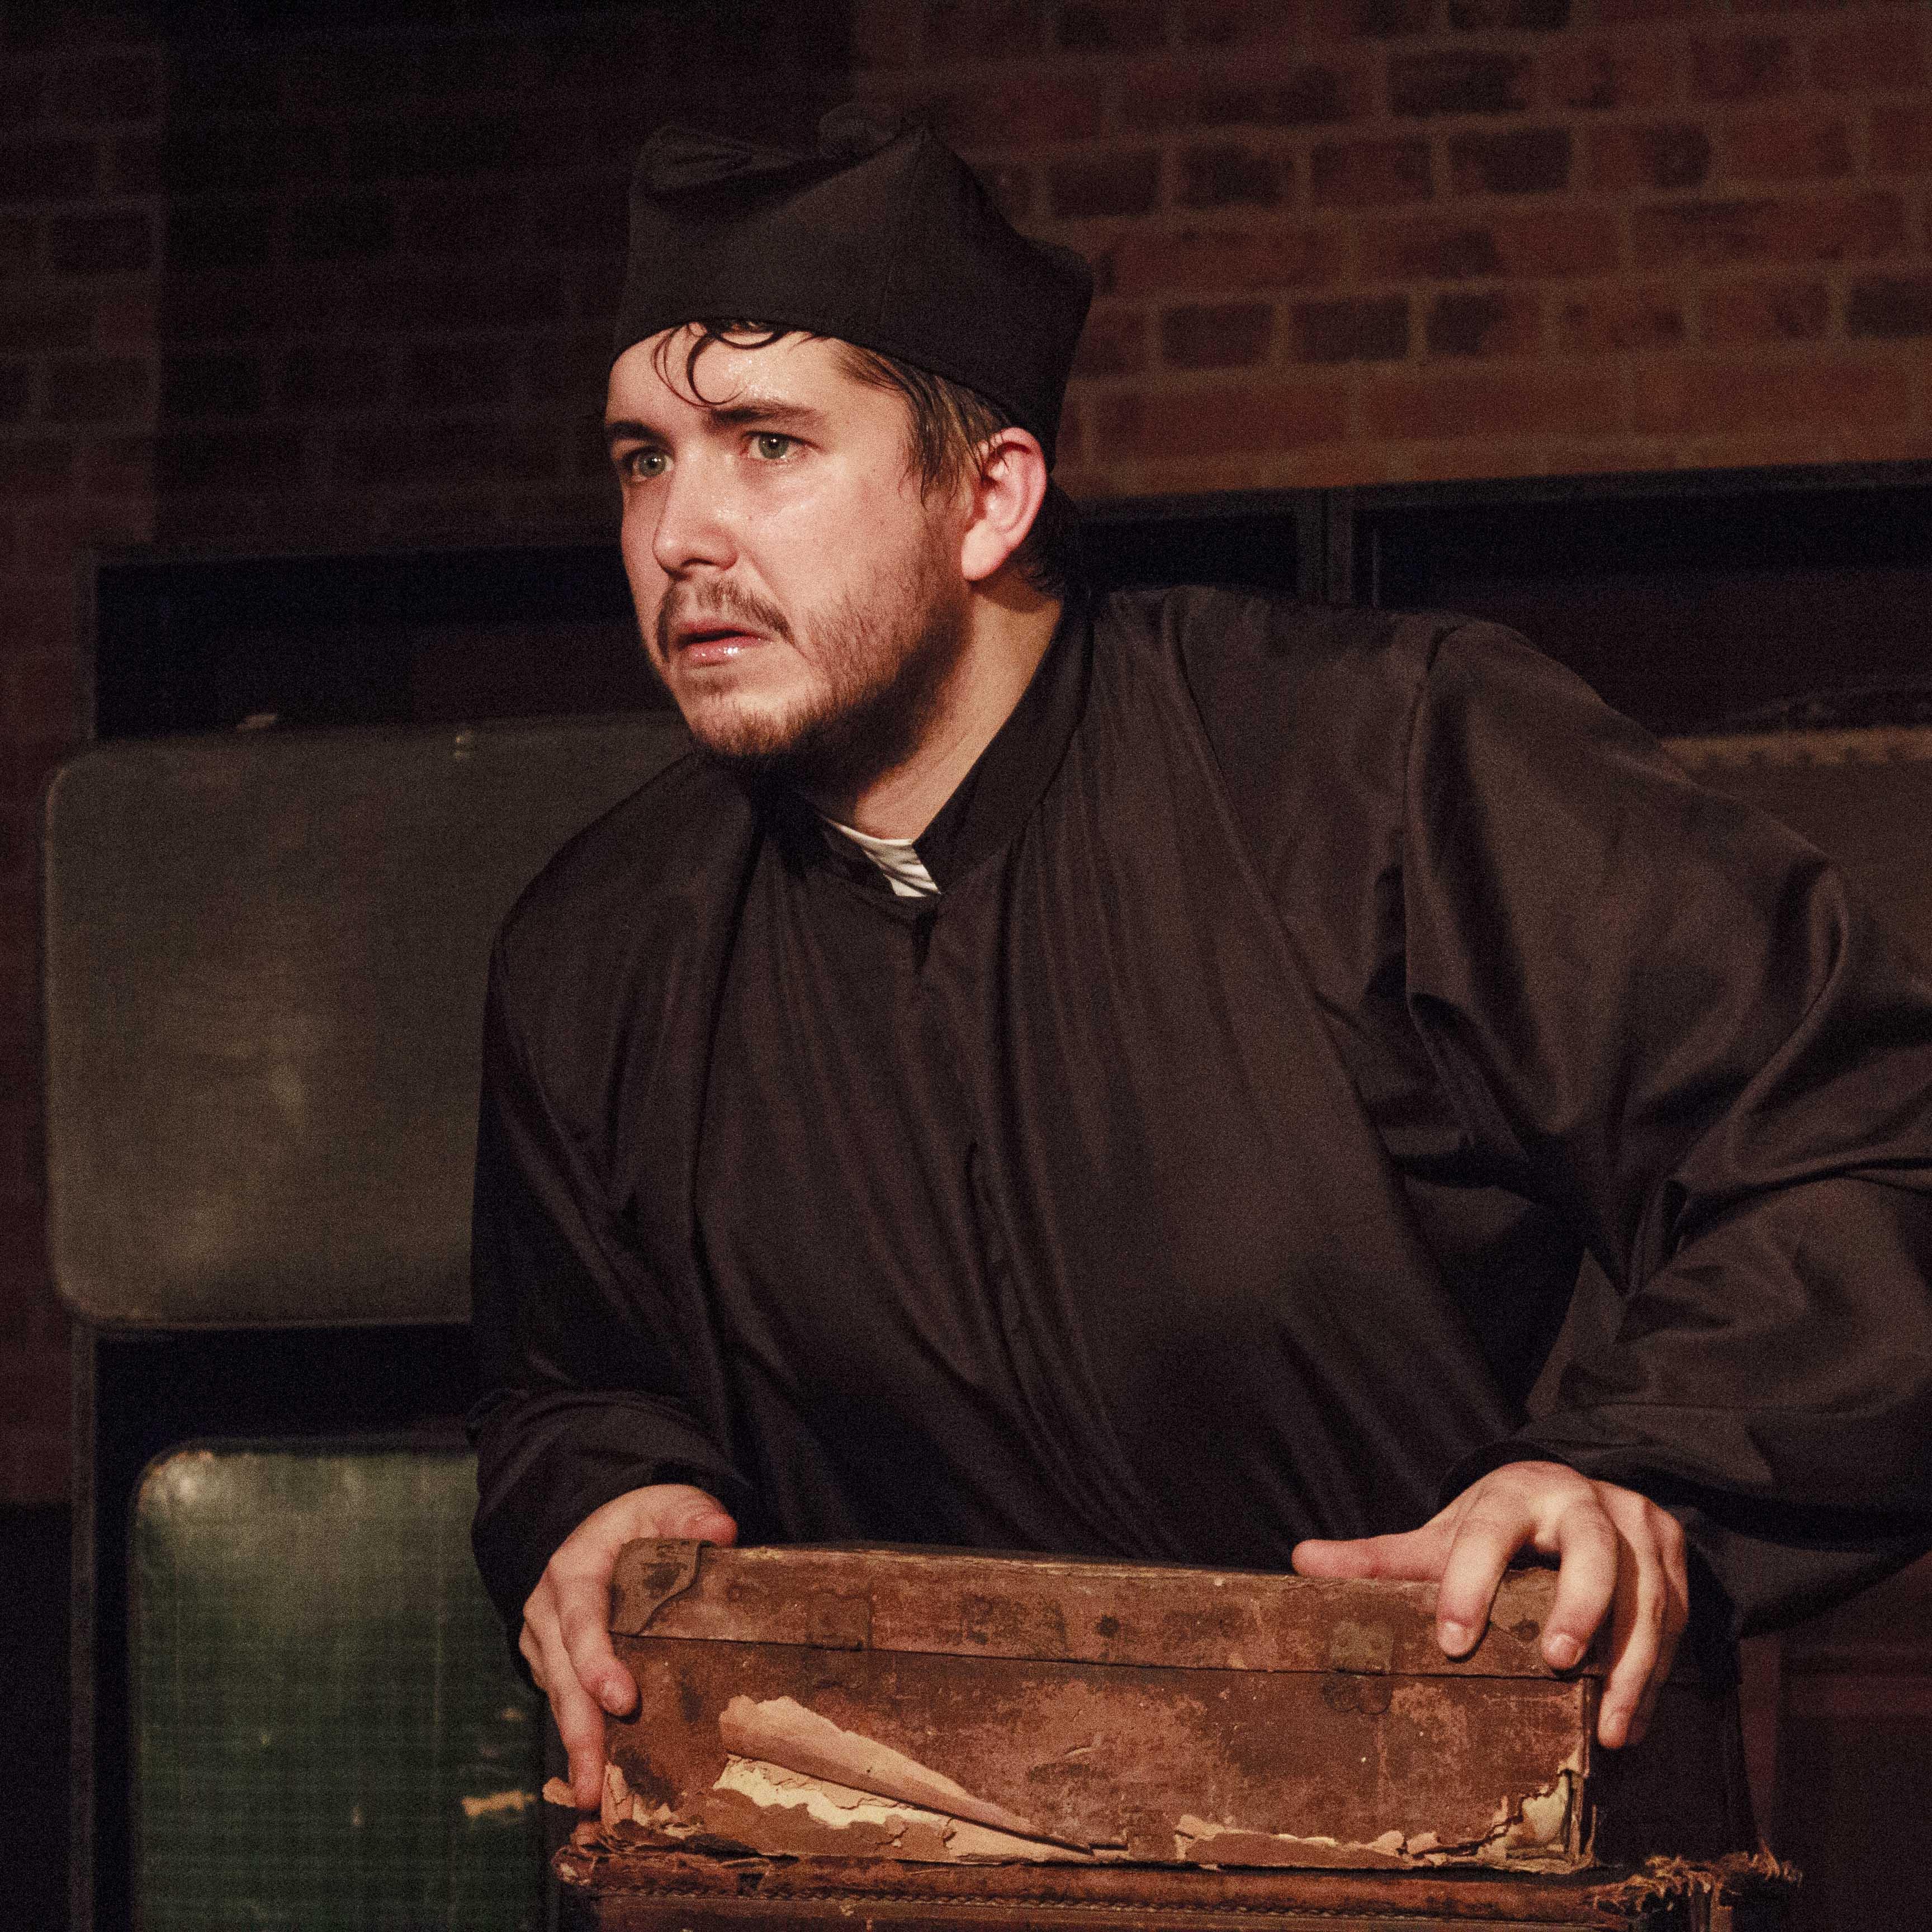 Zdjecie do spektaklu Emigrantka. Aktor przebrany za księdza. Ręce opiera o drewnianą skrzynkę.